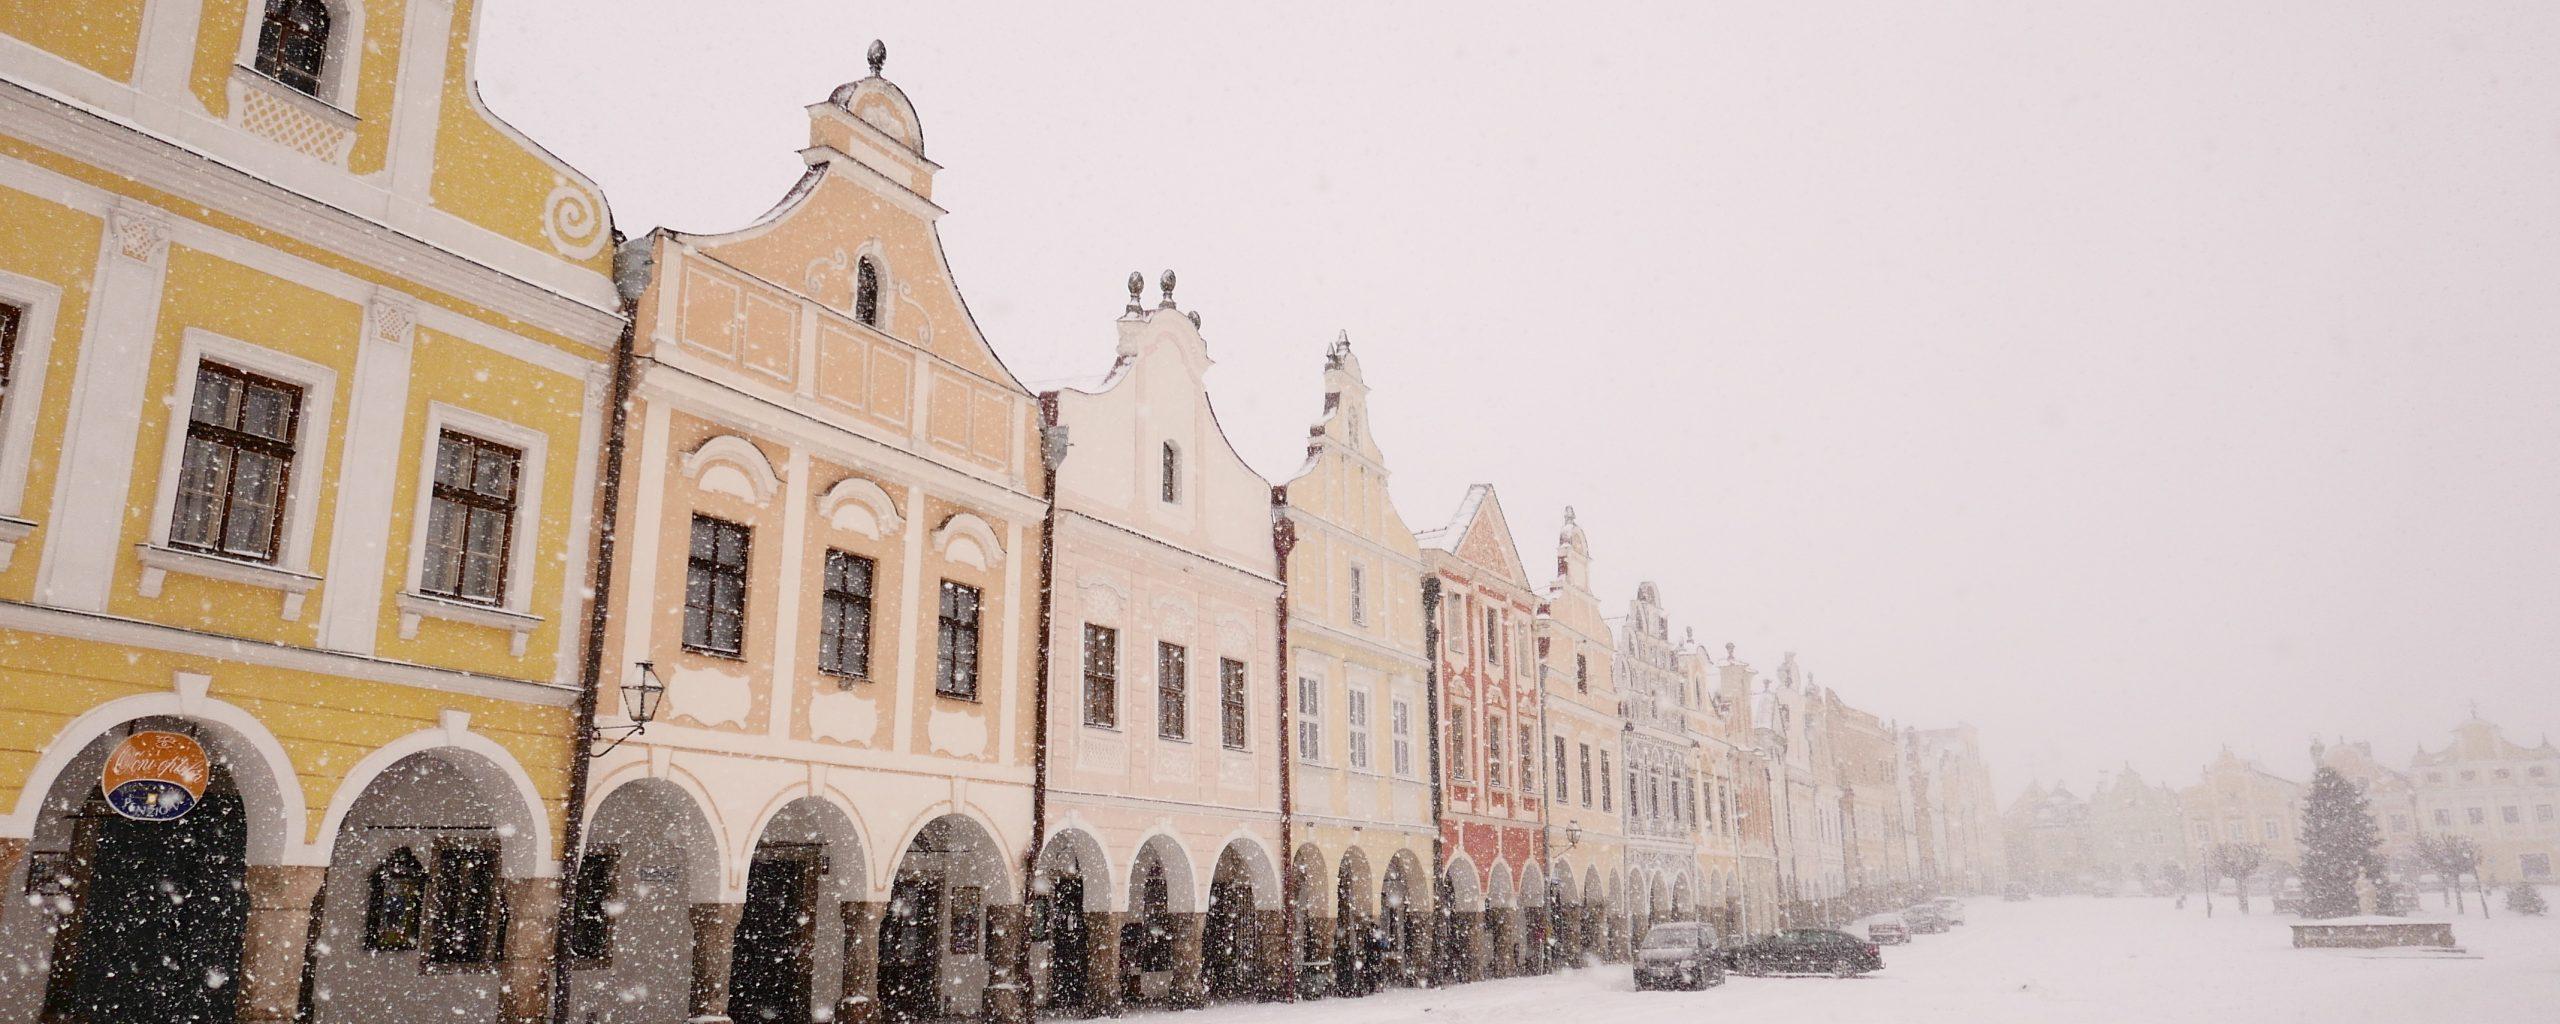 捷克自由行|布拉格Prague&庫倫洛夫CK&特爾奇Telč三日行程分享